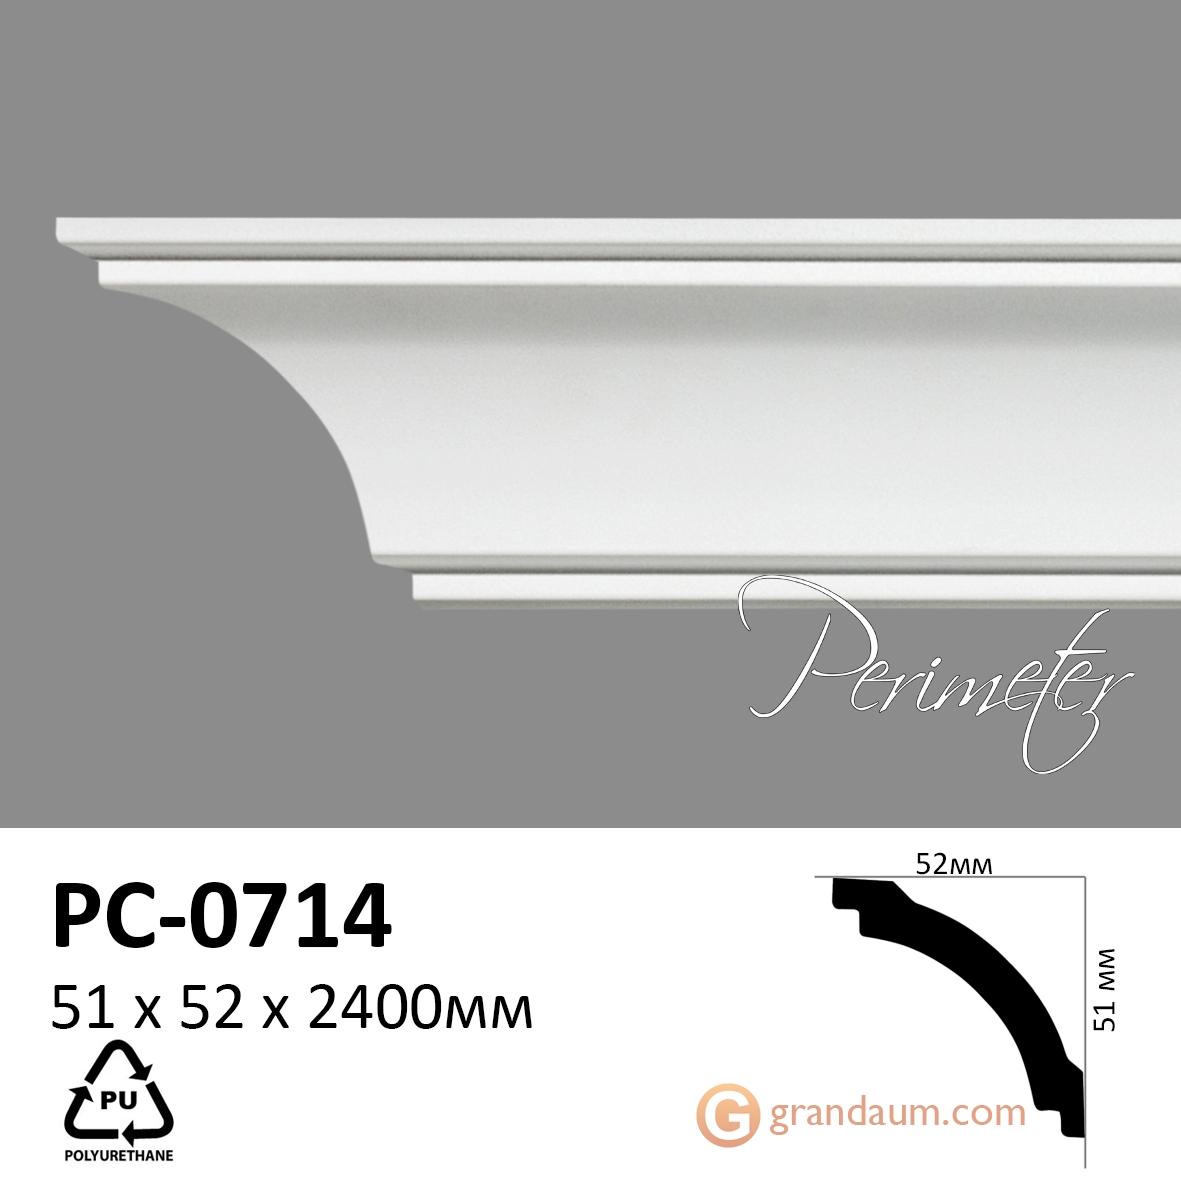 Карниз с гладким профилем Perimeter PC-0714